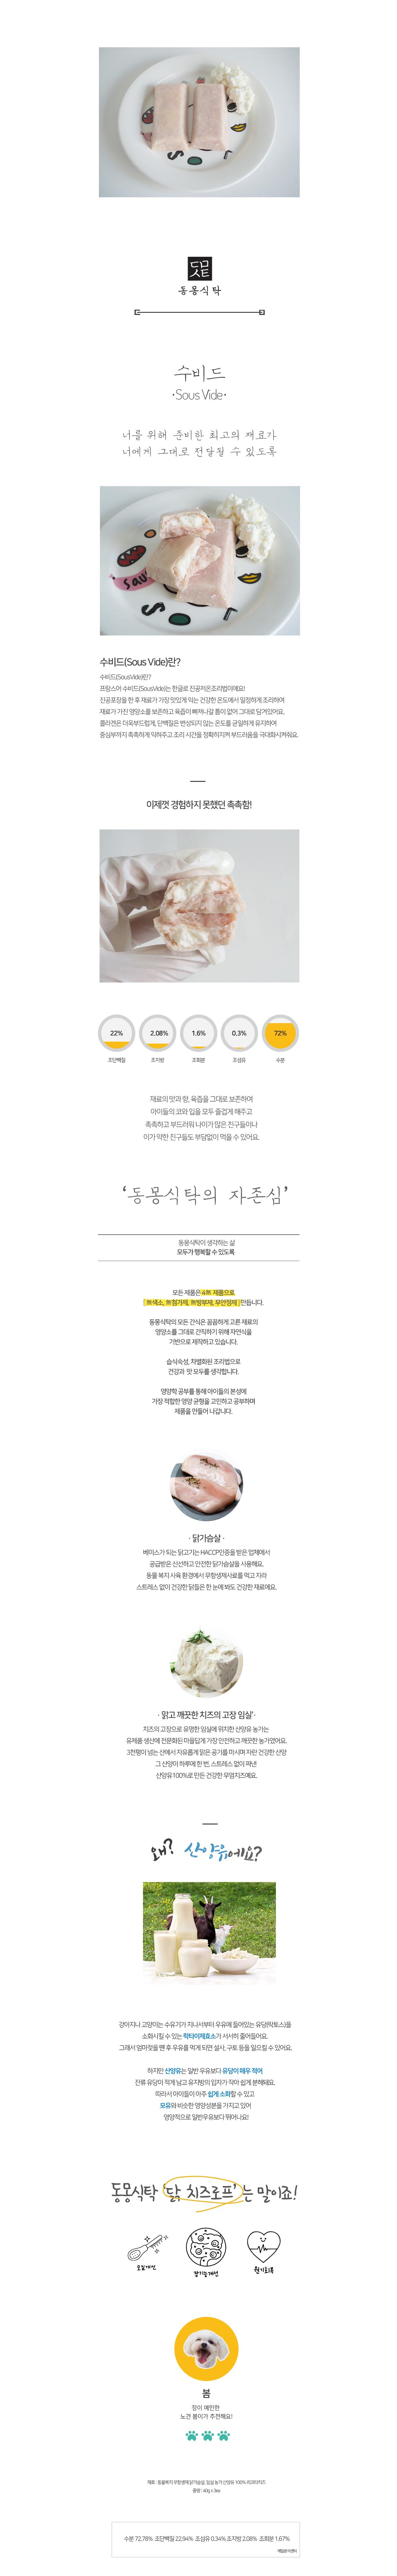 강아지 수제간식 산양유치즈 닭로프 3p,120g - 동몽식탁, 6,500원, 간식/영양제, 수제간식